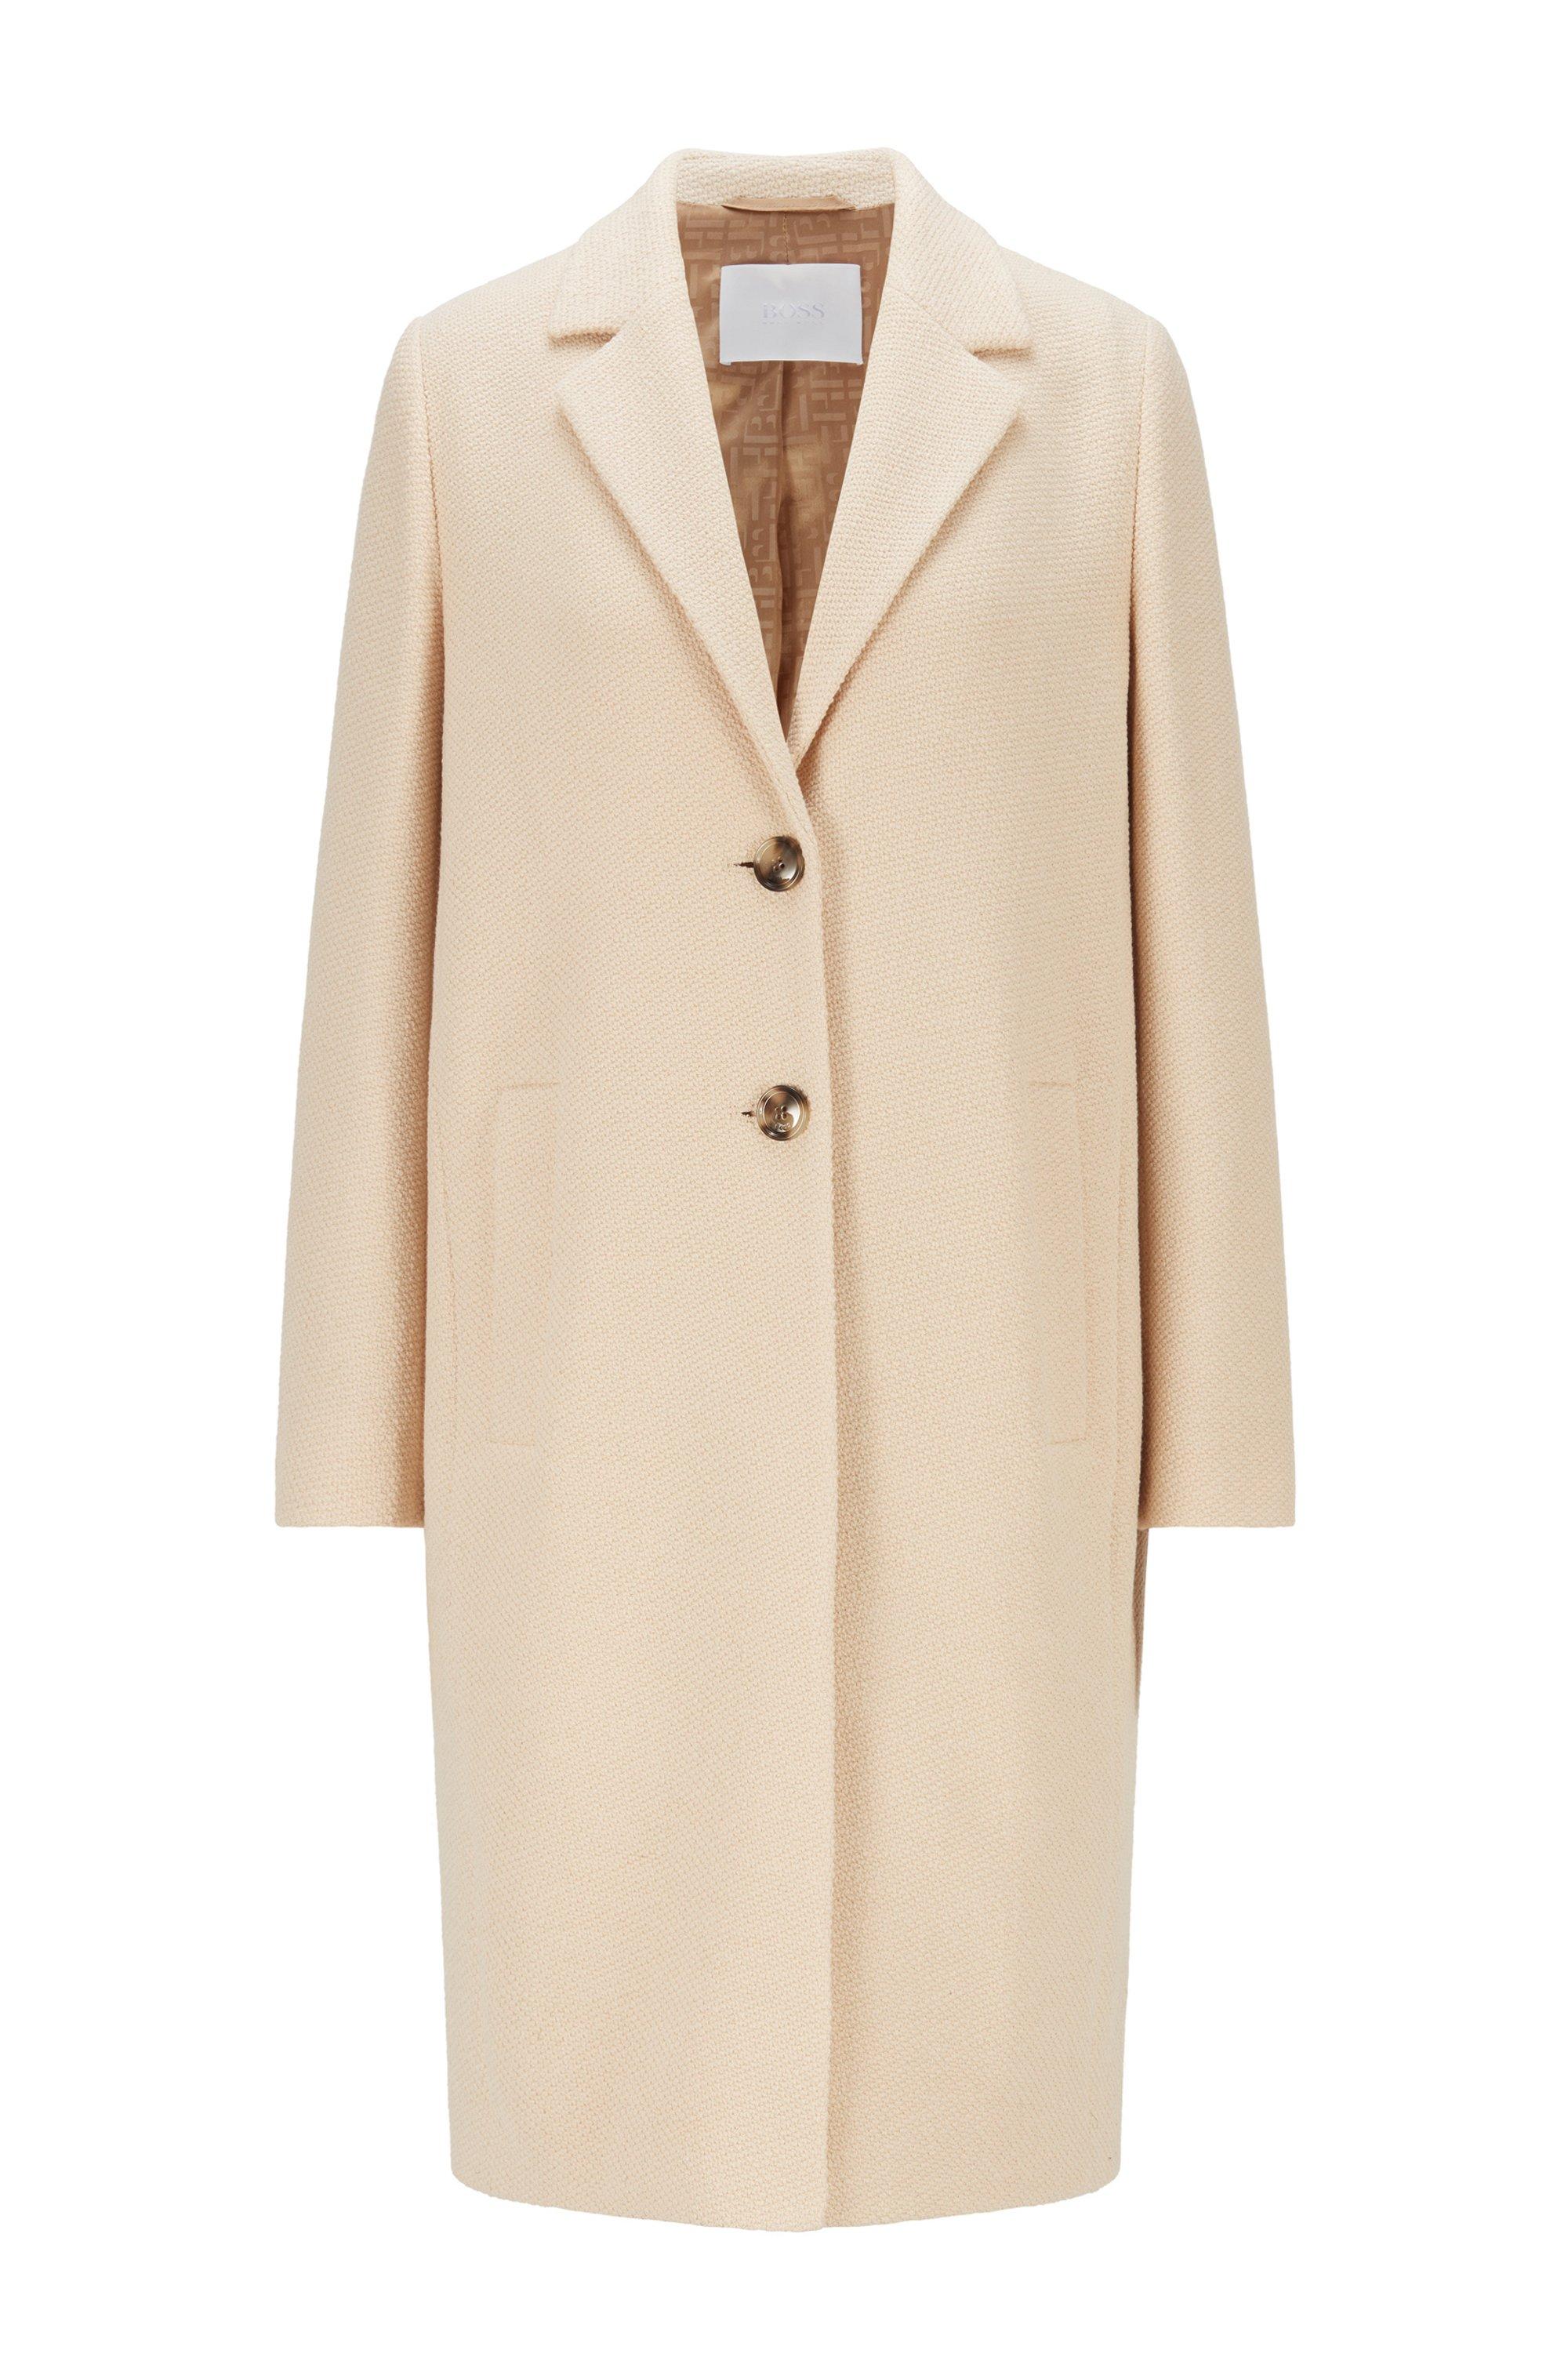 Tweed-Mantel mit Innenfutter aus Logo-Jacquard, Beige